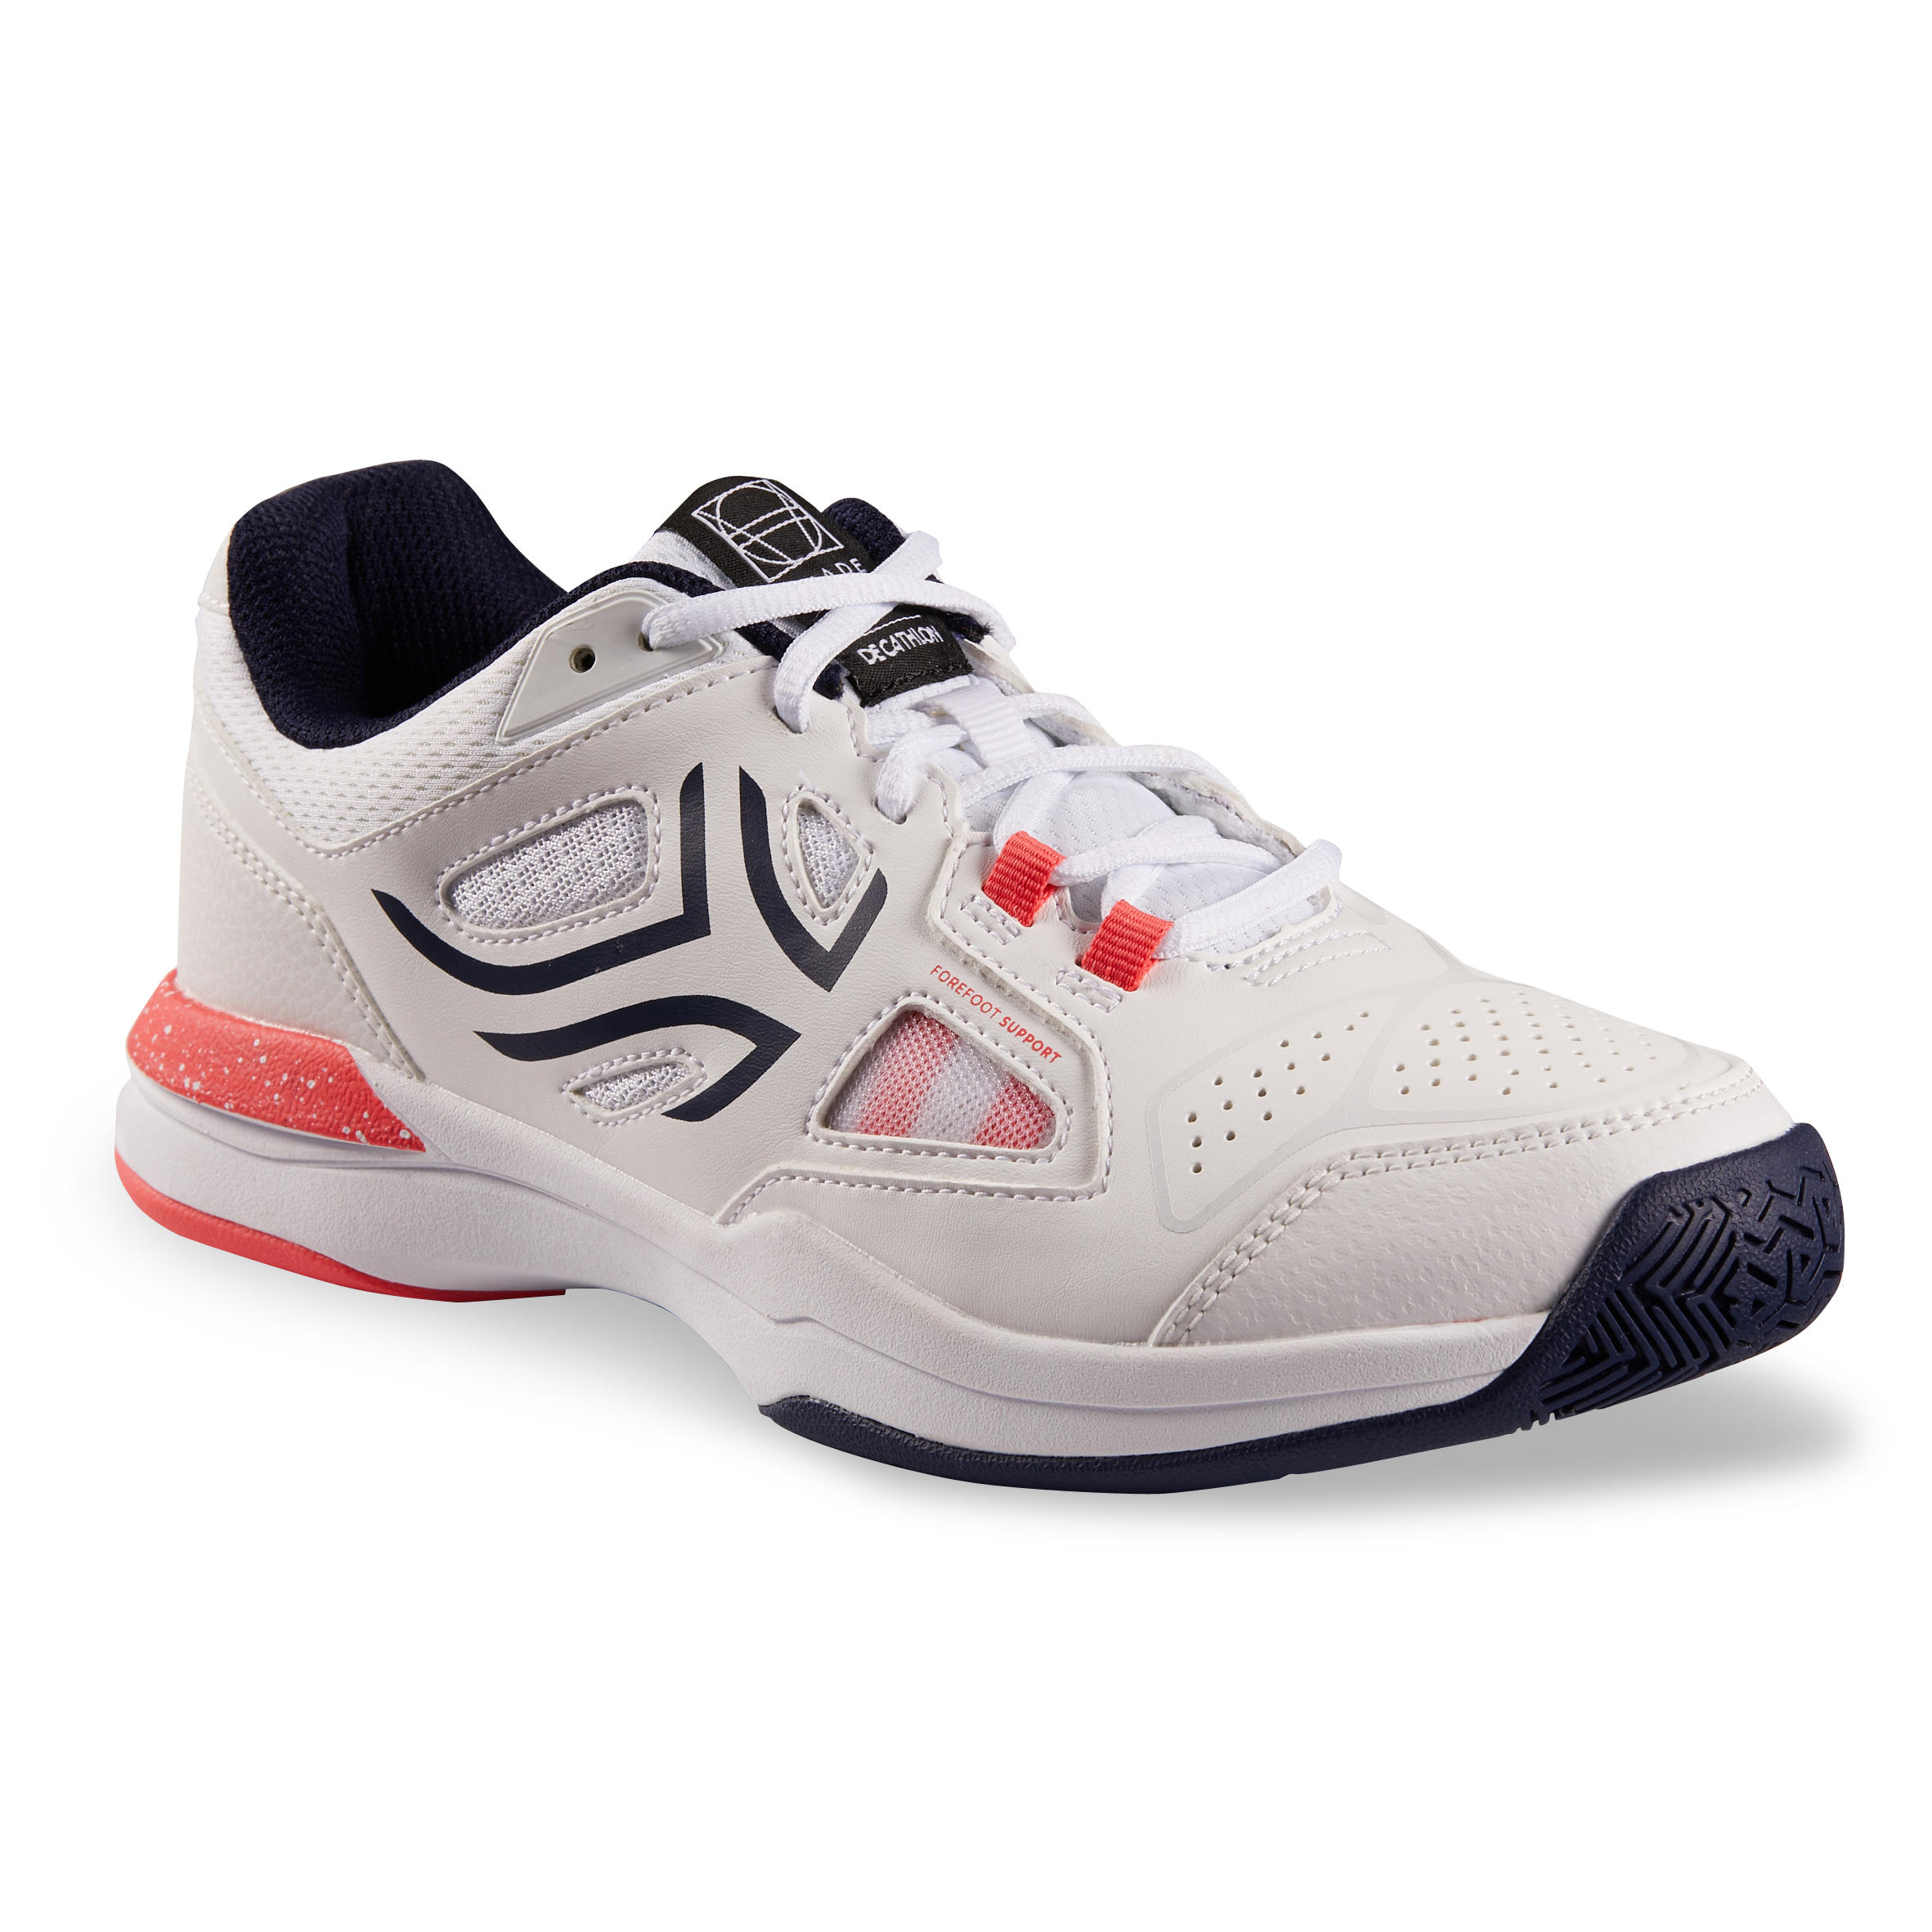 Artengo Tennisschoenen voor dames TS 500 wit